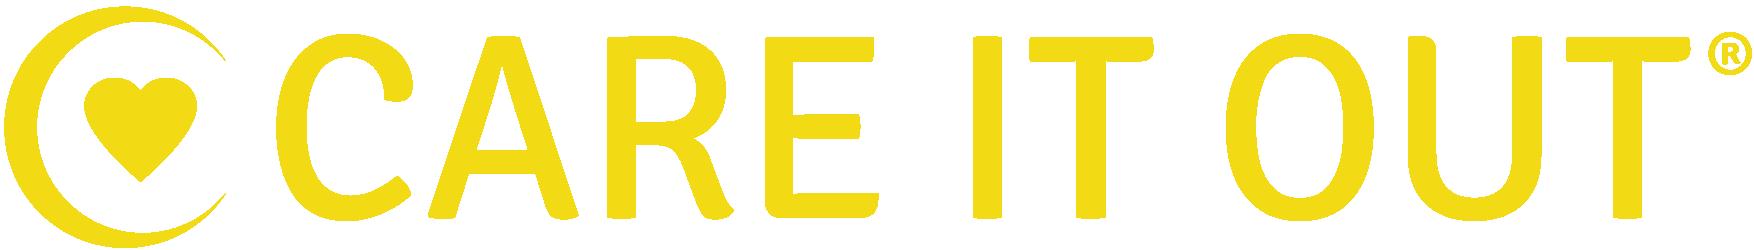 yellow logo-01.png